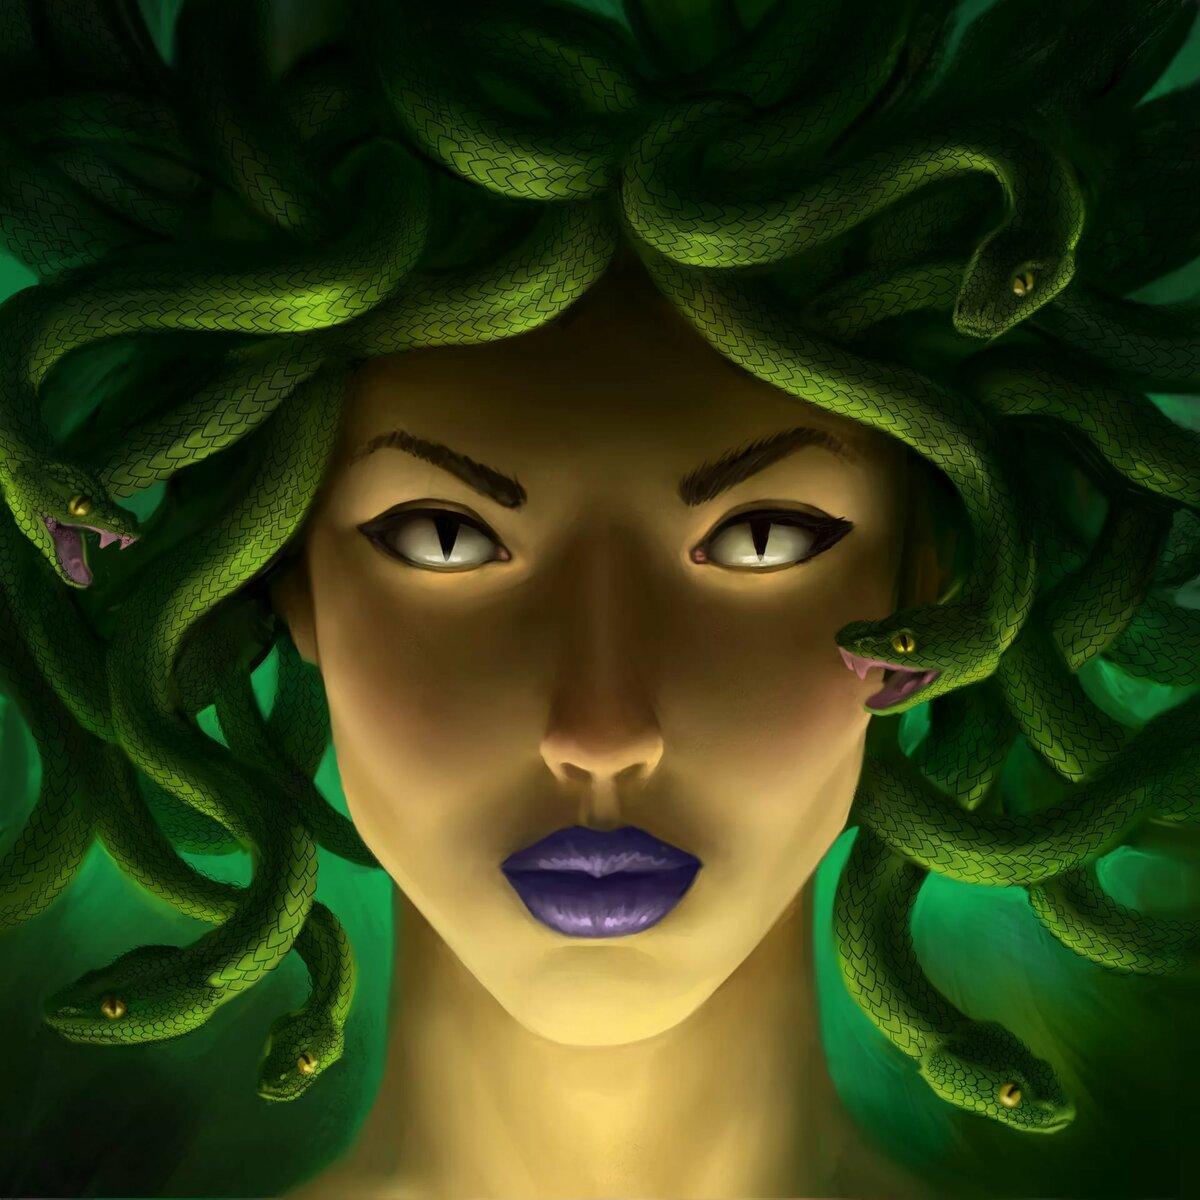 Открытка с медузой горгоной, сентября картинки